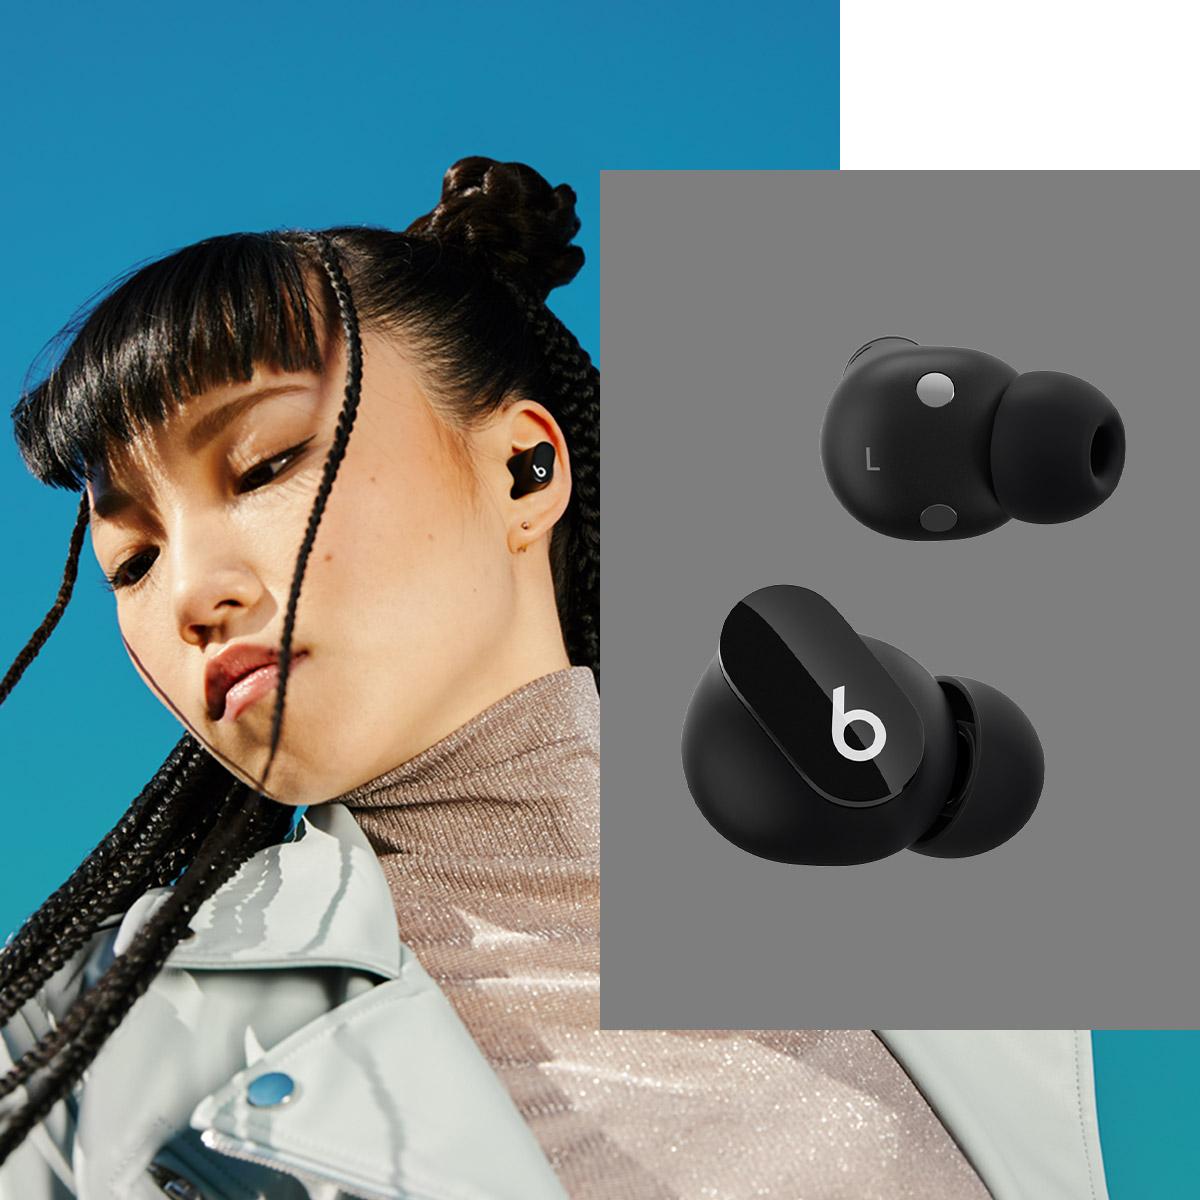 https://www.iphones.ru/wp-content/uploads/2021/06/beatsstudiobuds4.jpg